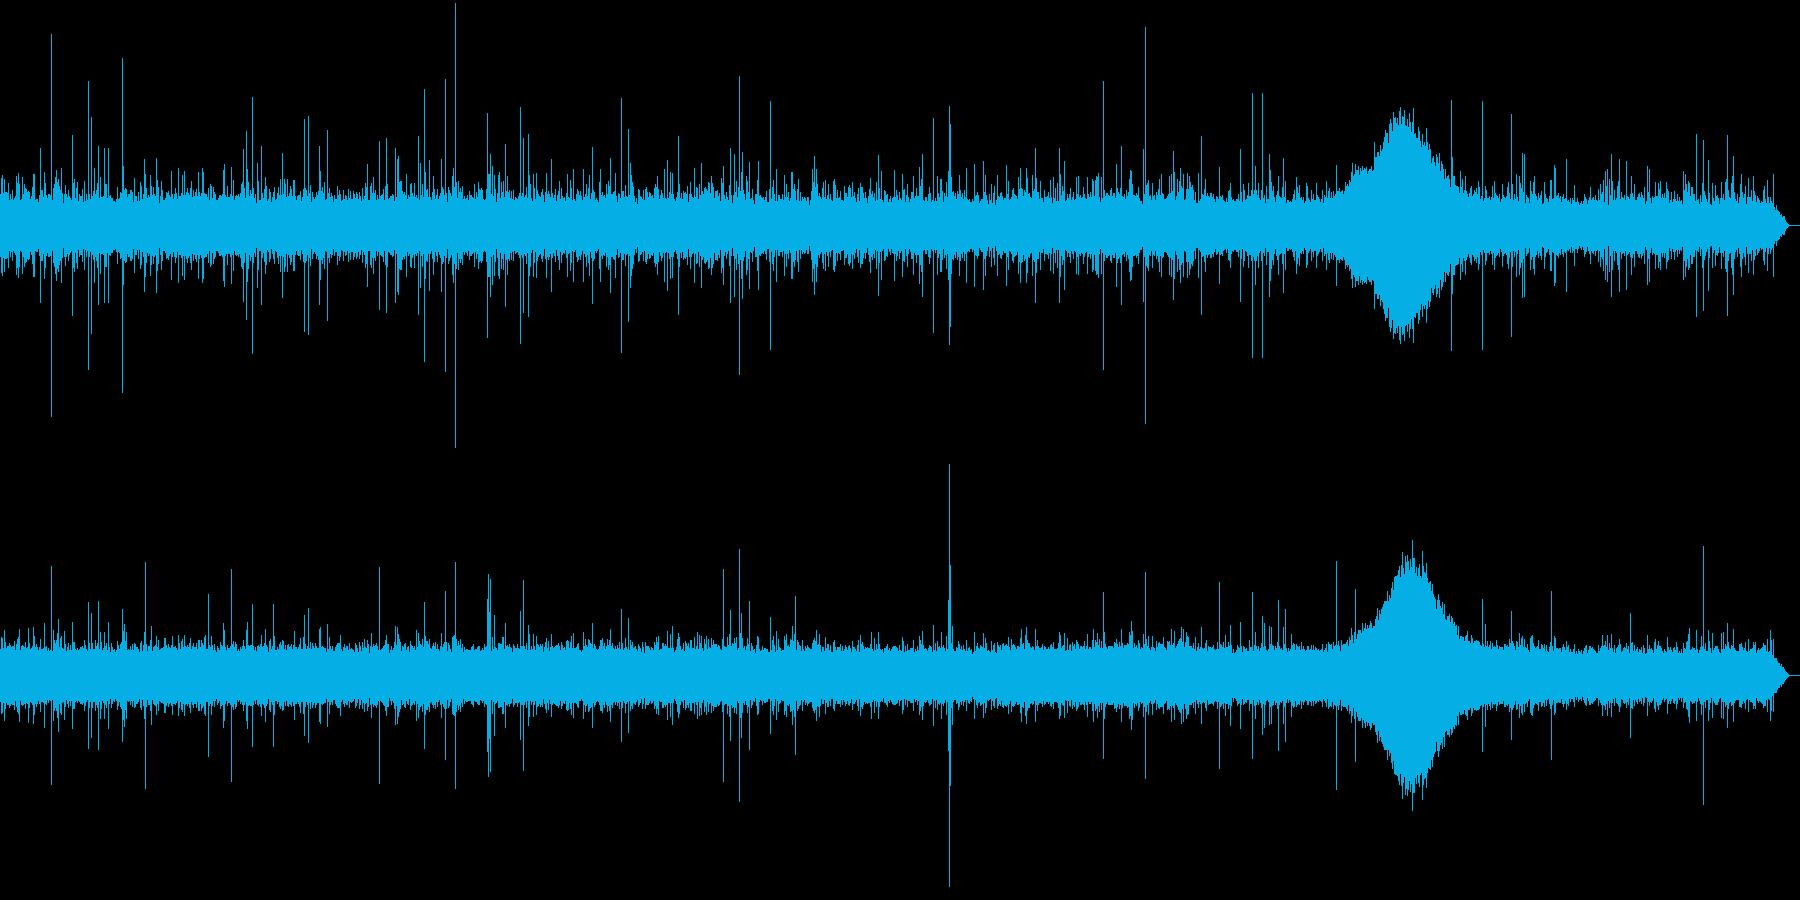 【生録音】日本 東京に降る雨の音 4の再生済みの波形